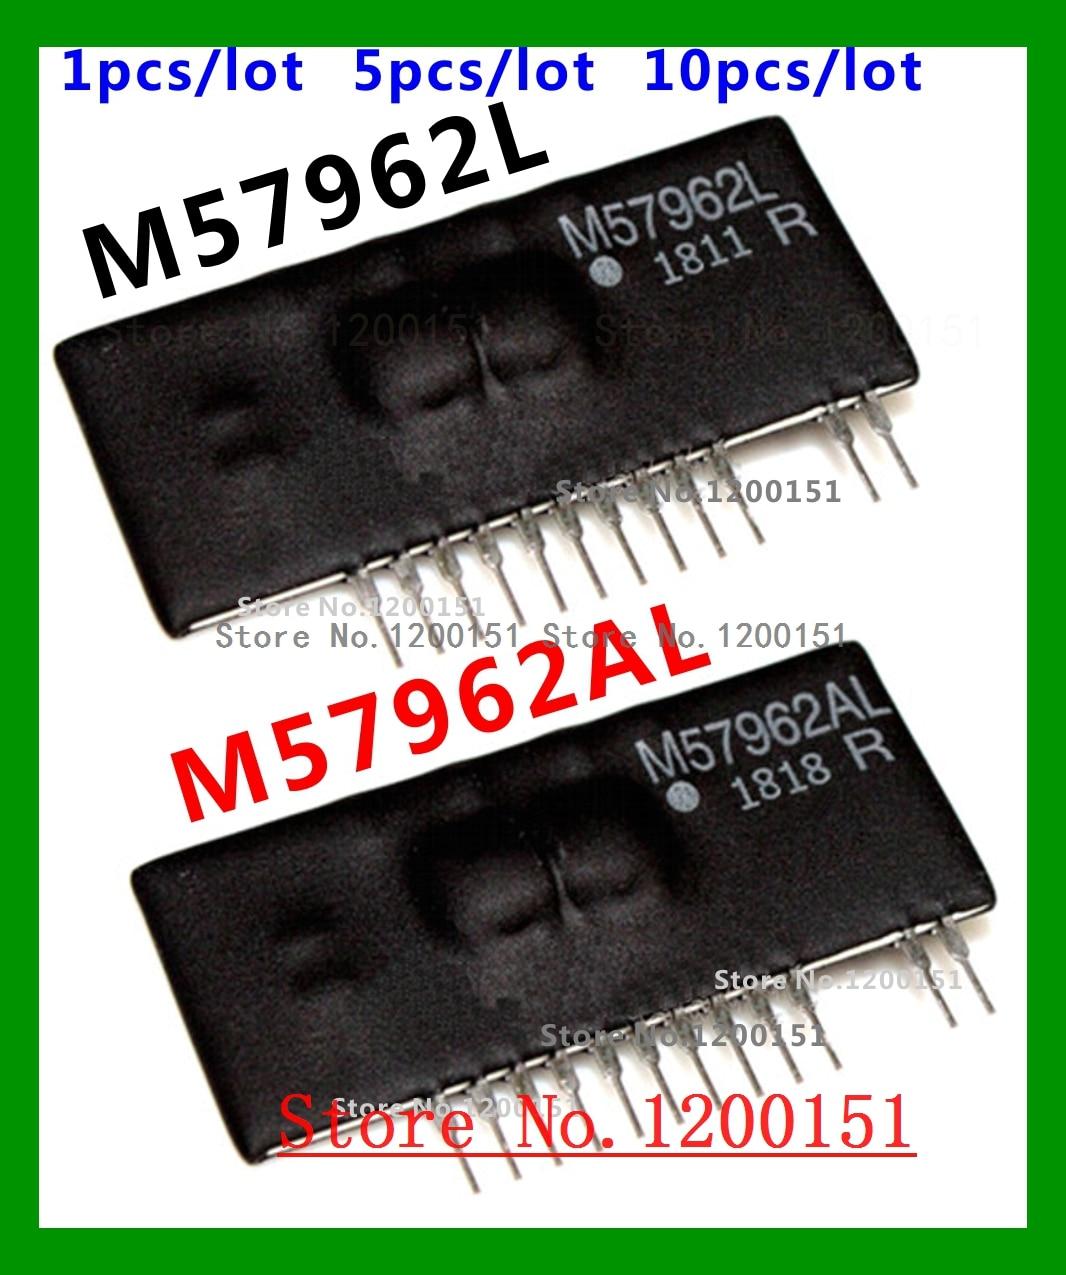 m57962l-m57962al-modulos